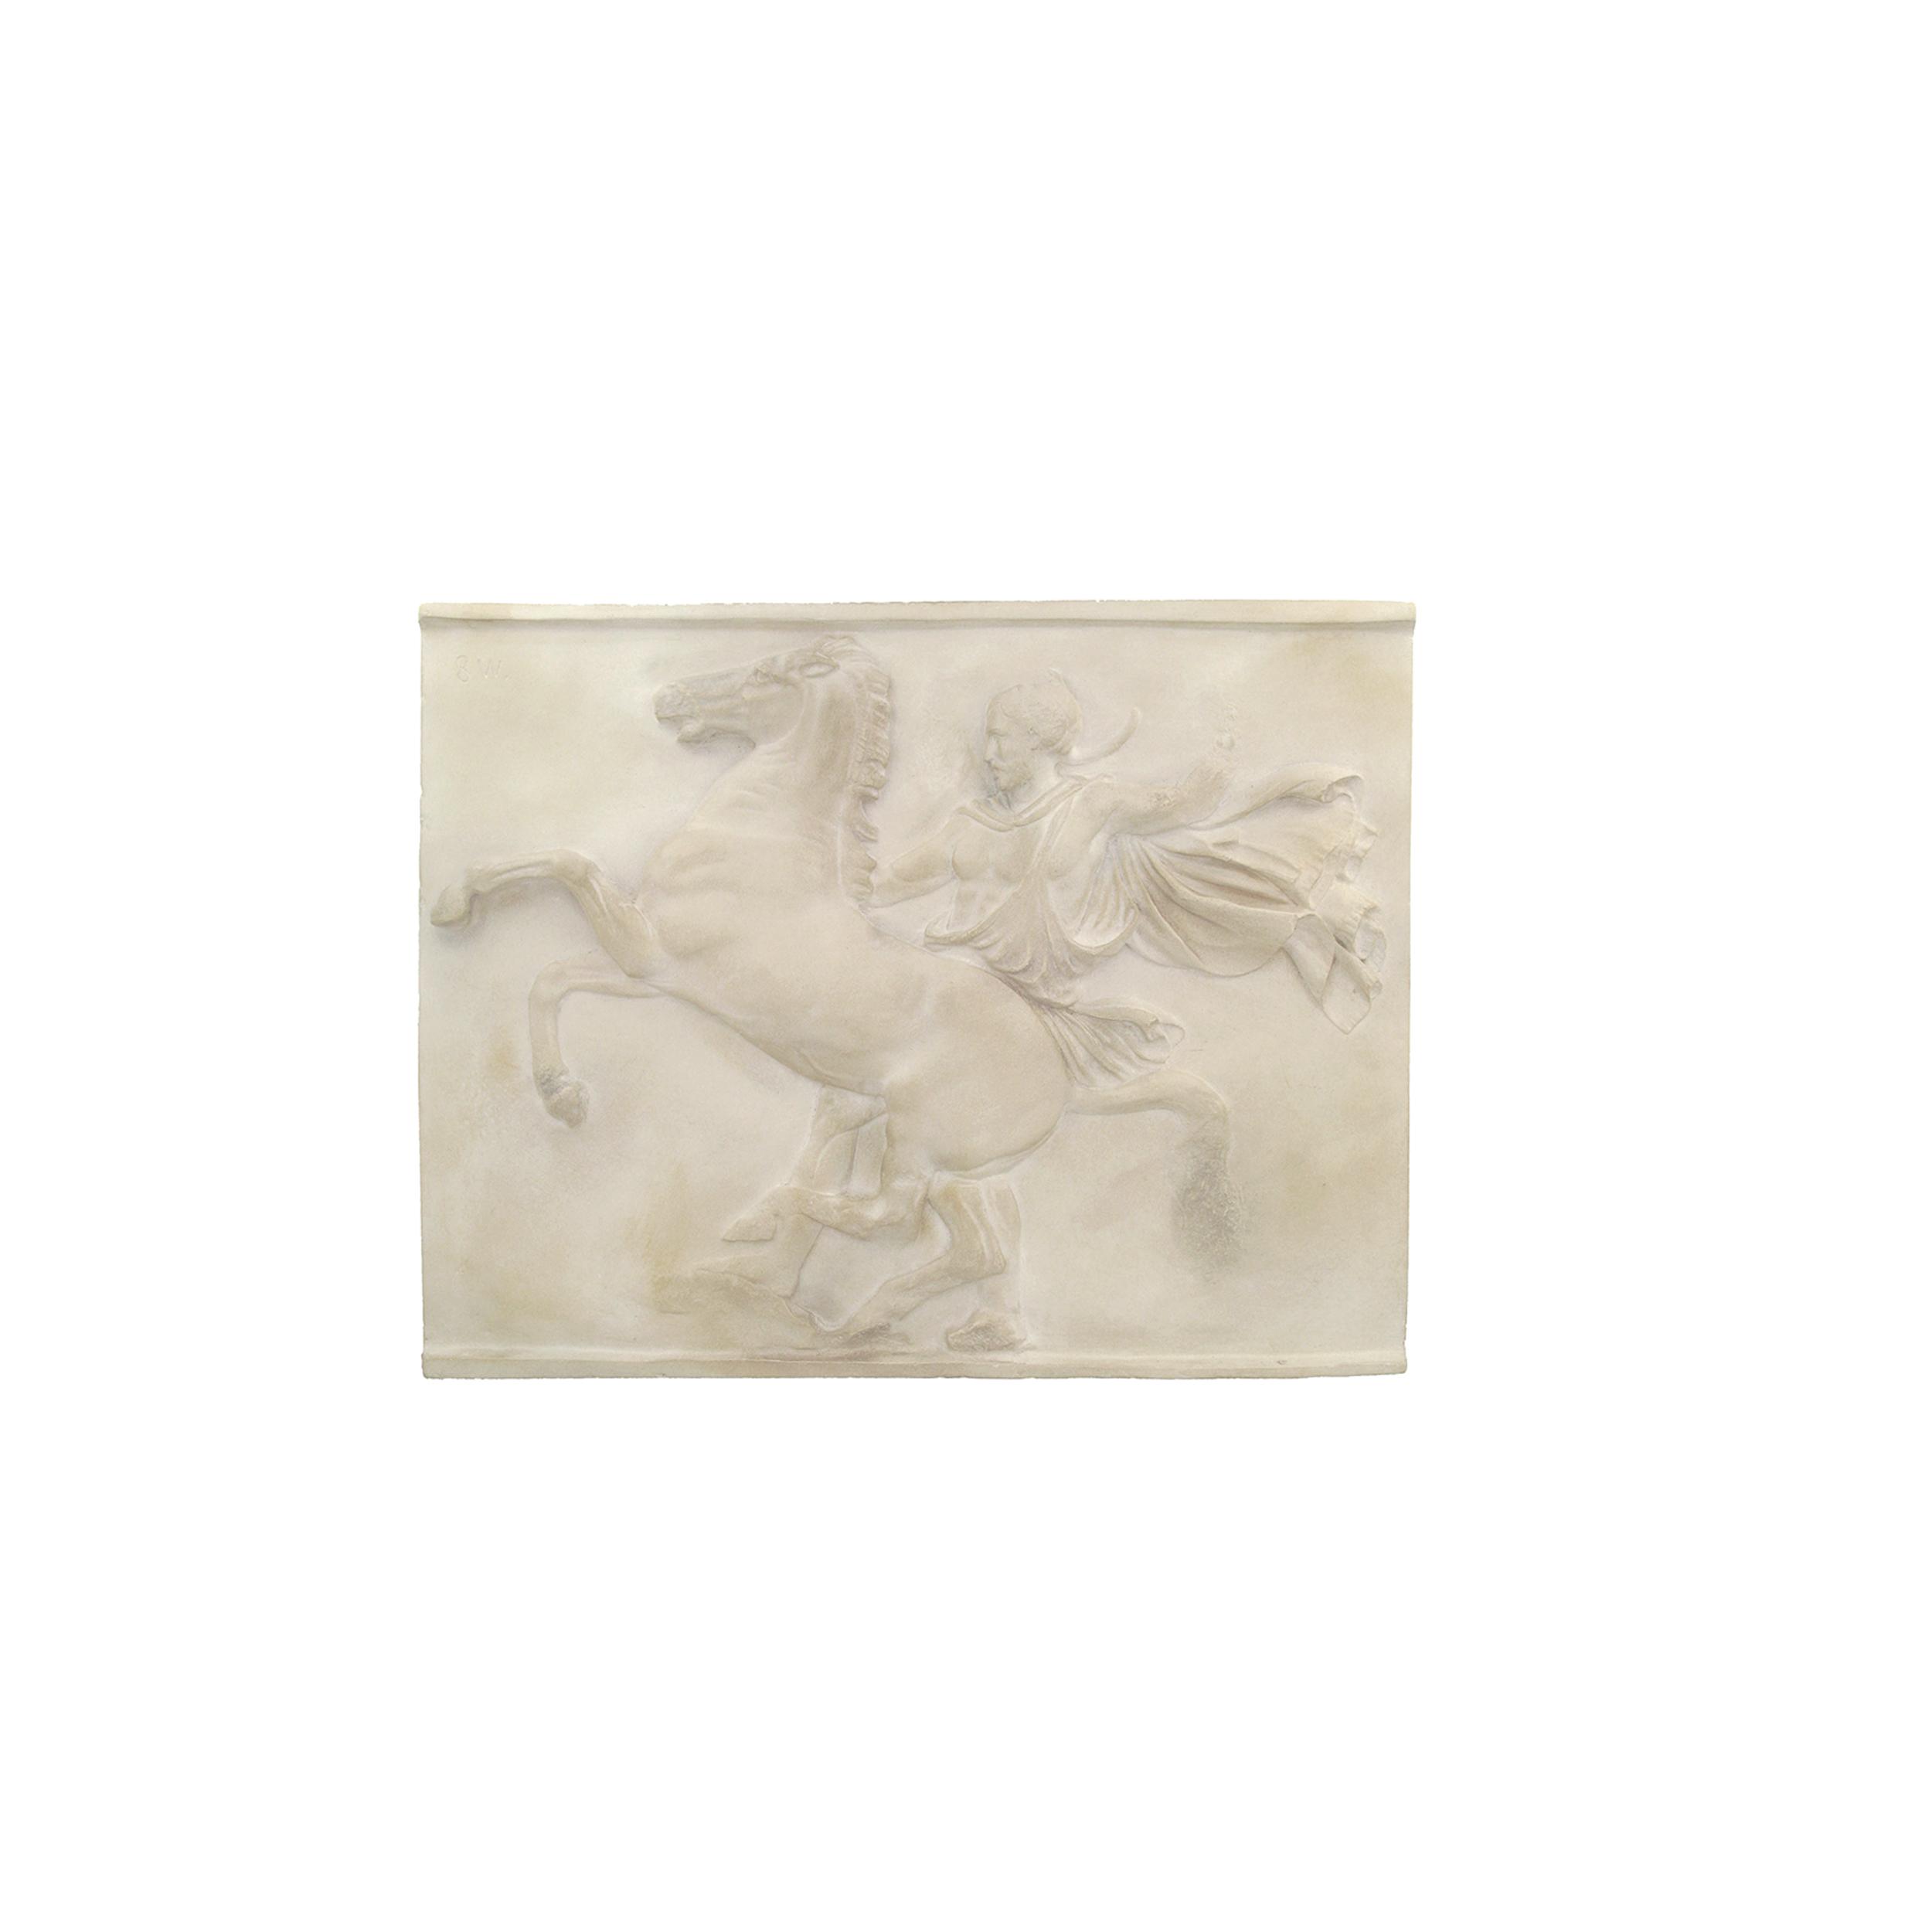 Parthenon sculpture plaque: Cloaked horseman